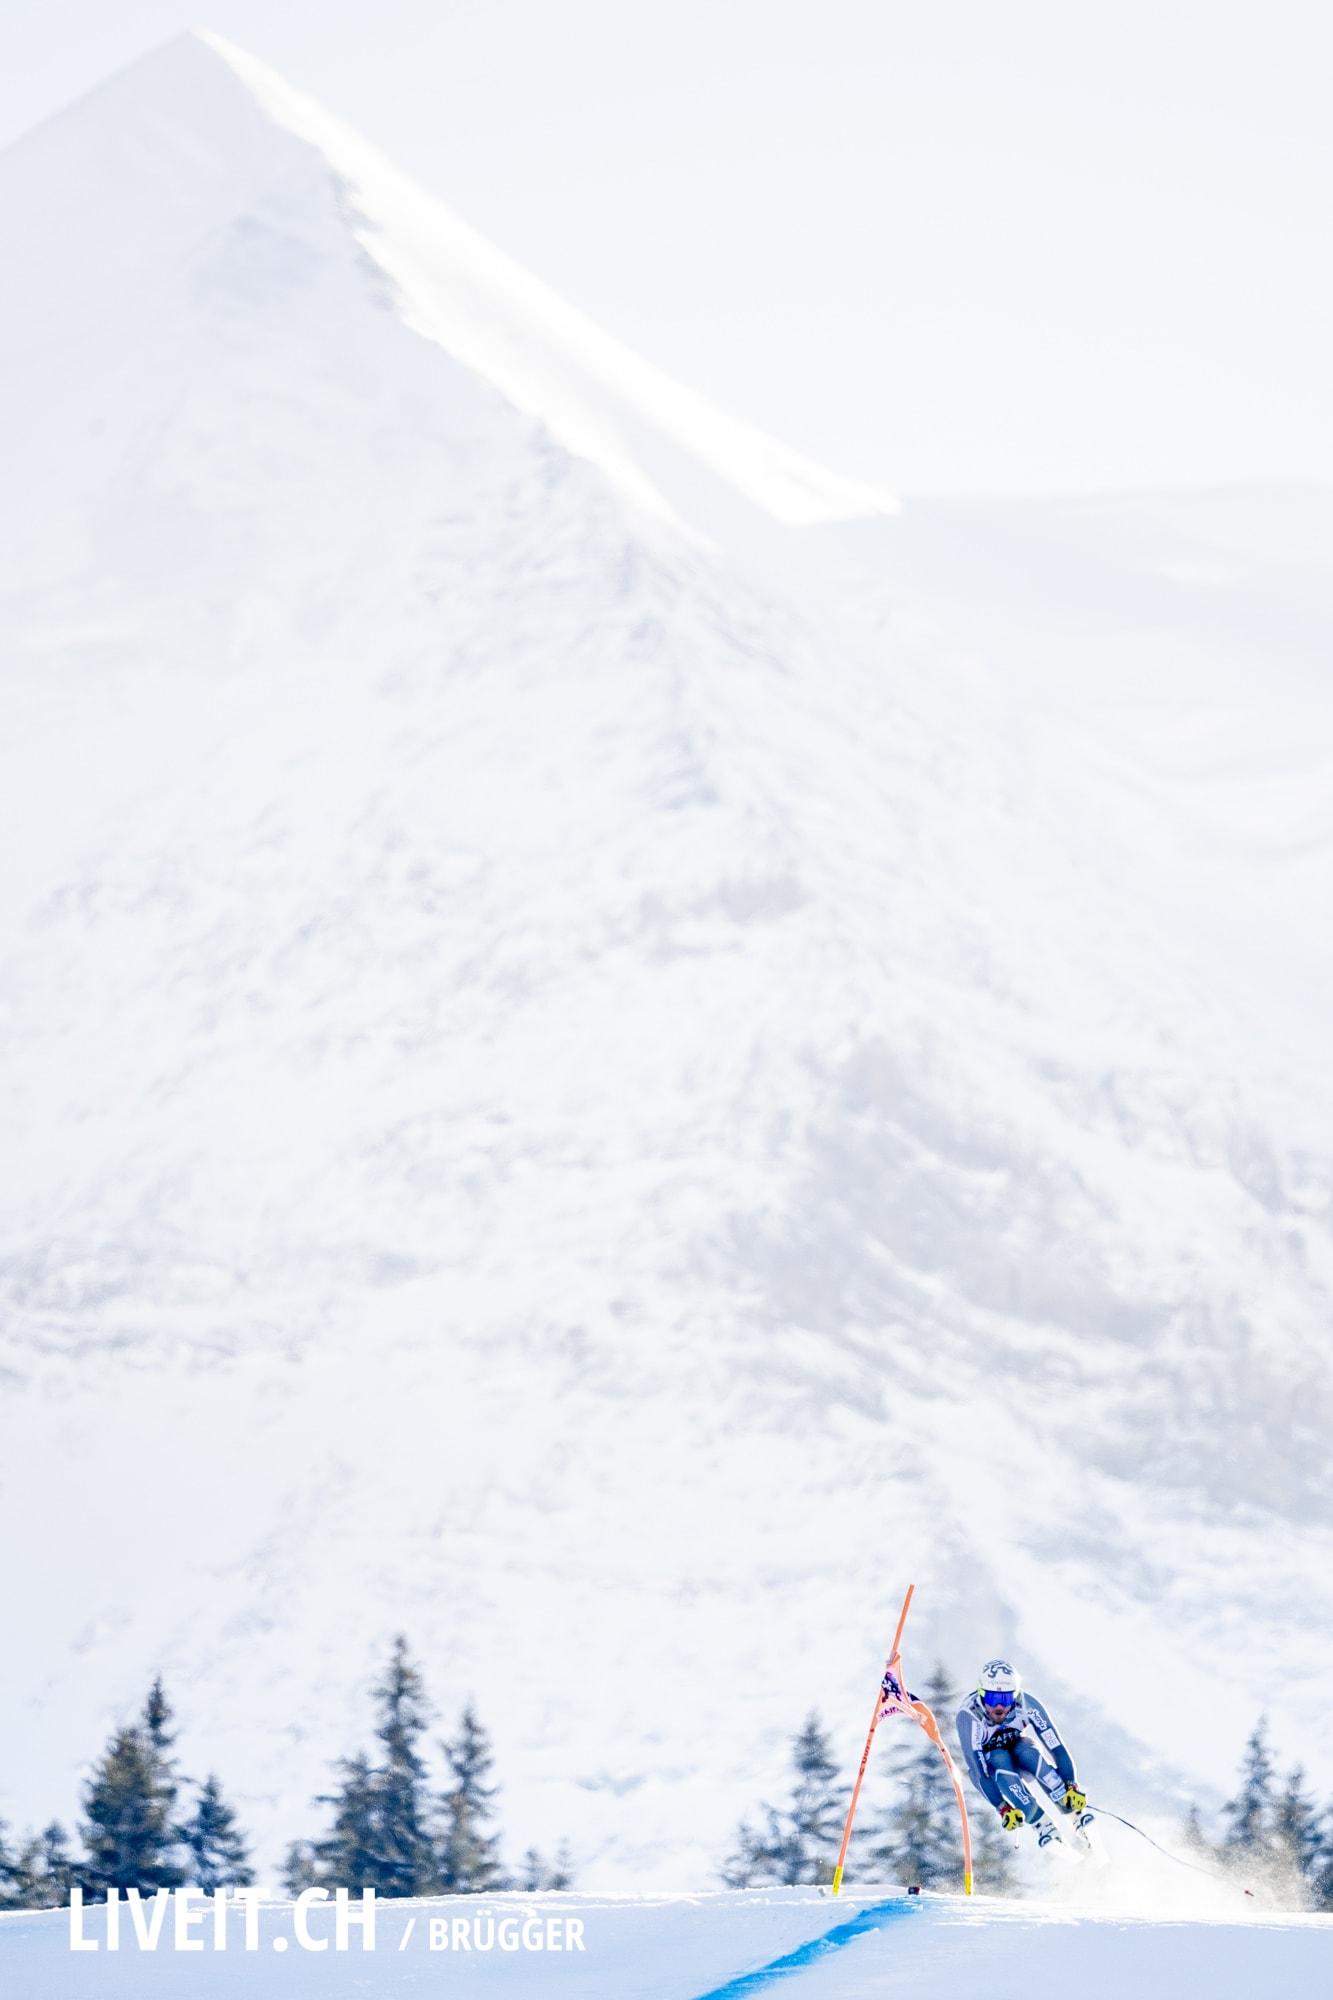 Kjetil Jansrud (NOR) fotografiert am Samstag, 19. Januar 2019 am Lauberhornrennen in der Disziplin: Abfahrt. (Fotografiert von Dominic Bruegger liveit.ch)